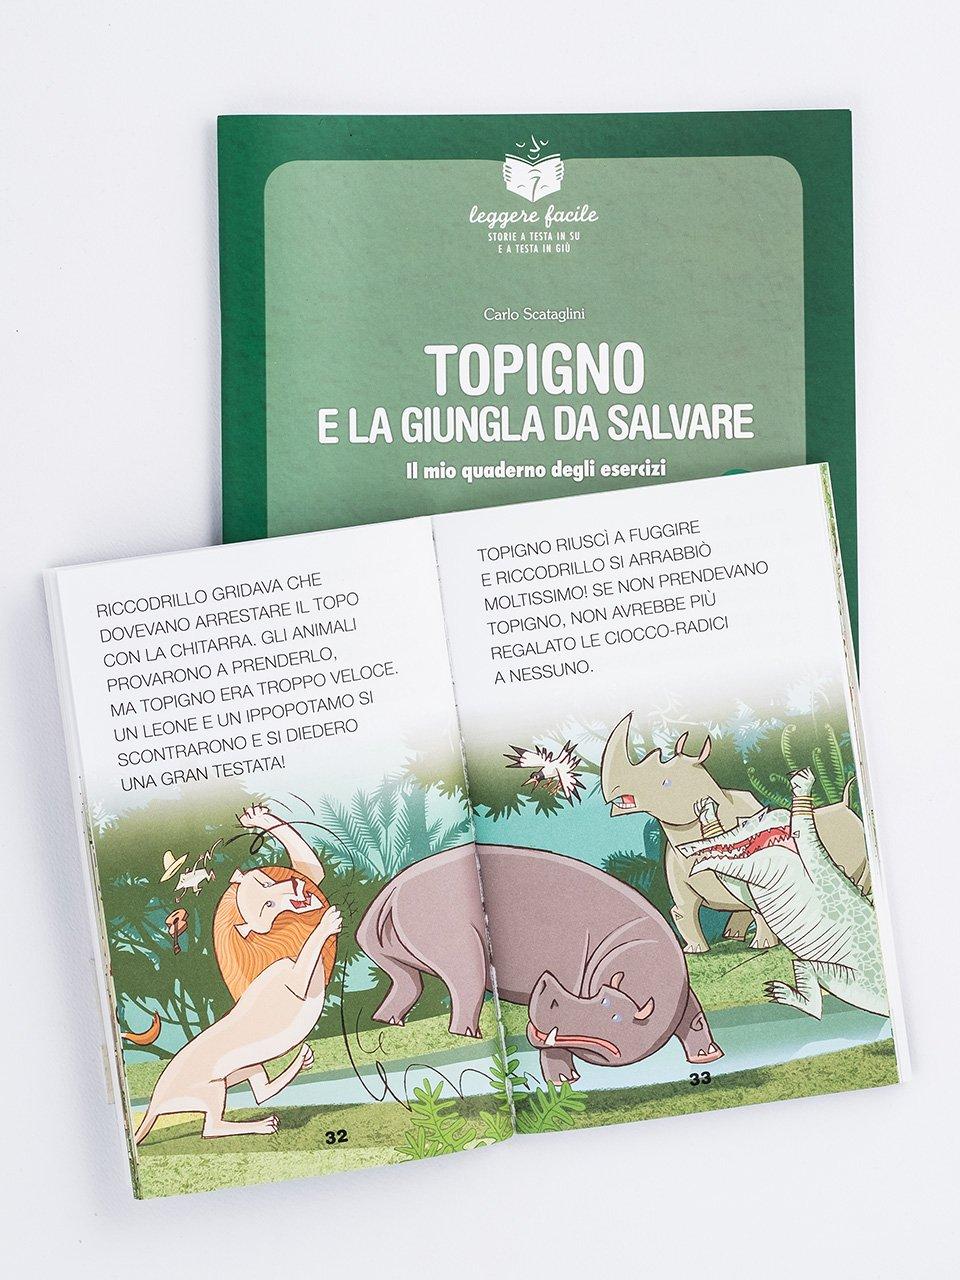 Topigno e la giungla da salvare - Libri - Erickson 2